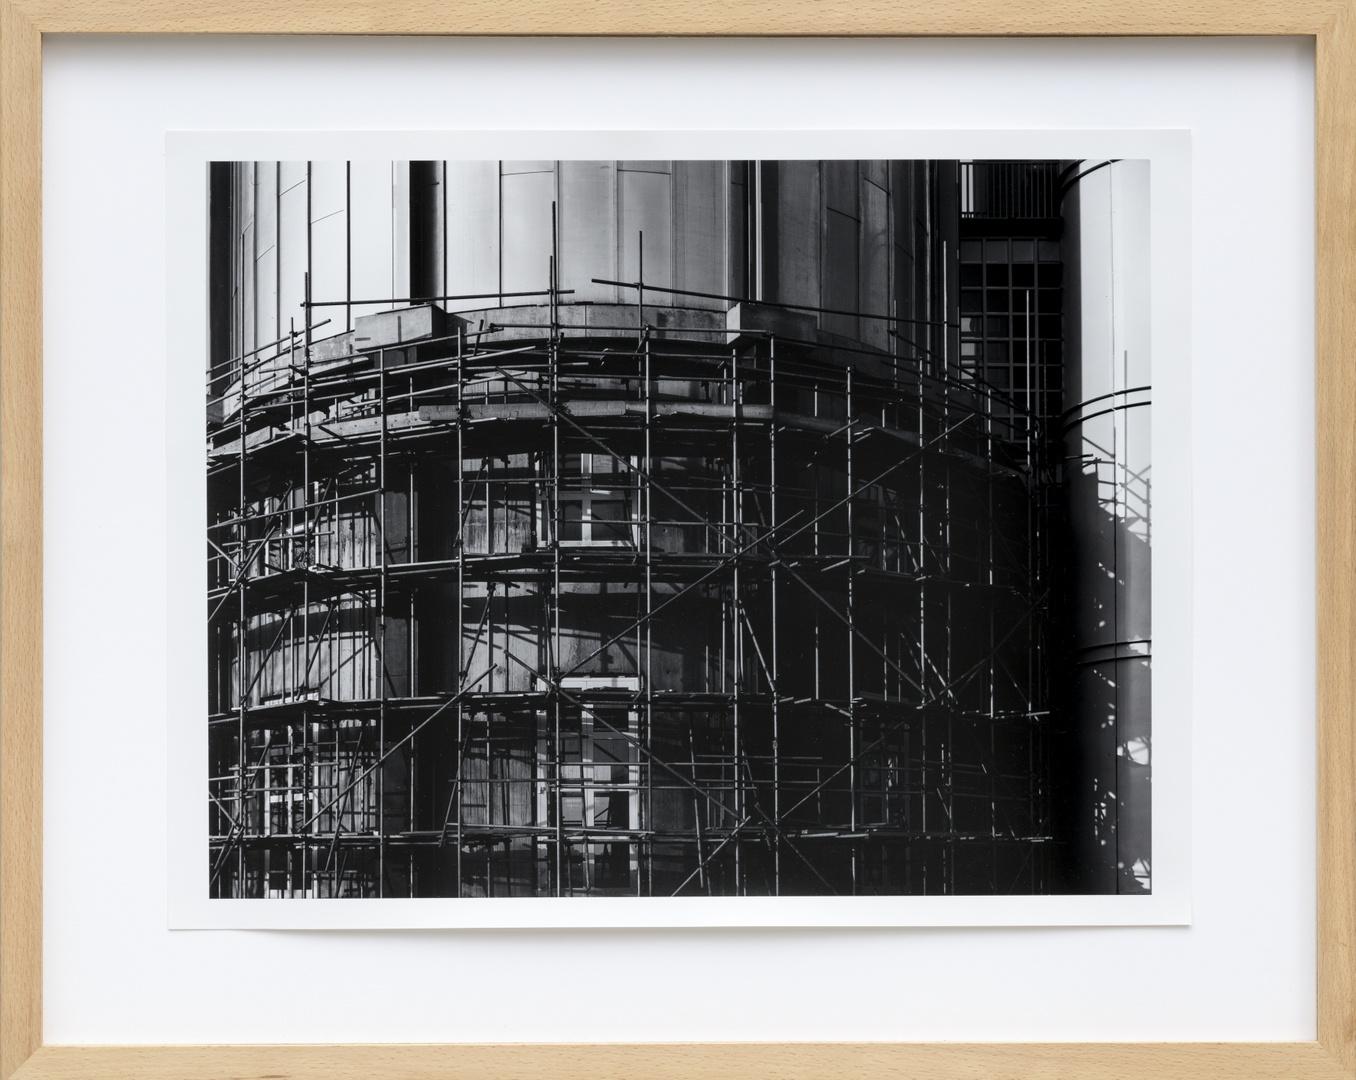 Bouw Bonnefantenmuseum 1992-1994 ; Onderkant toren van buitenaf met stellage